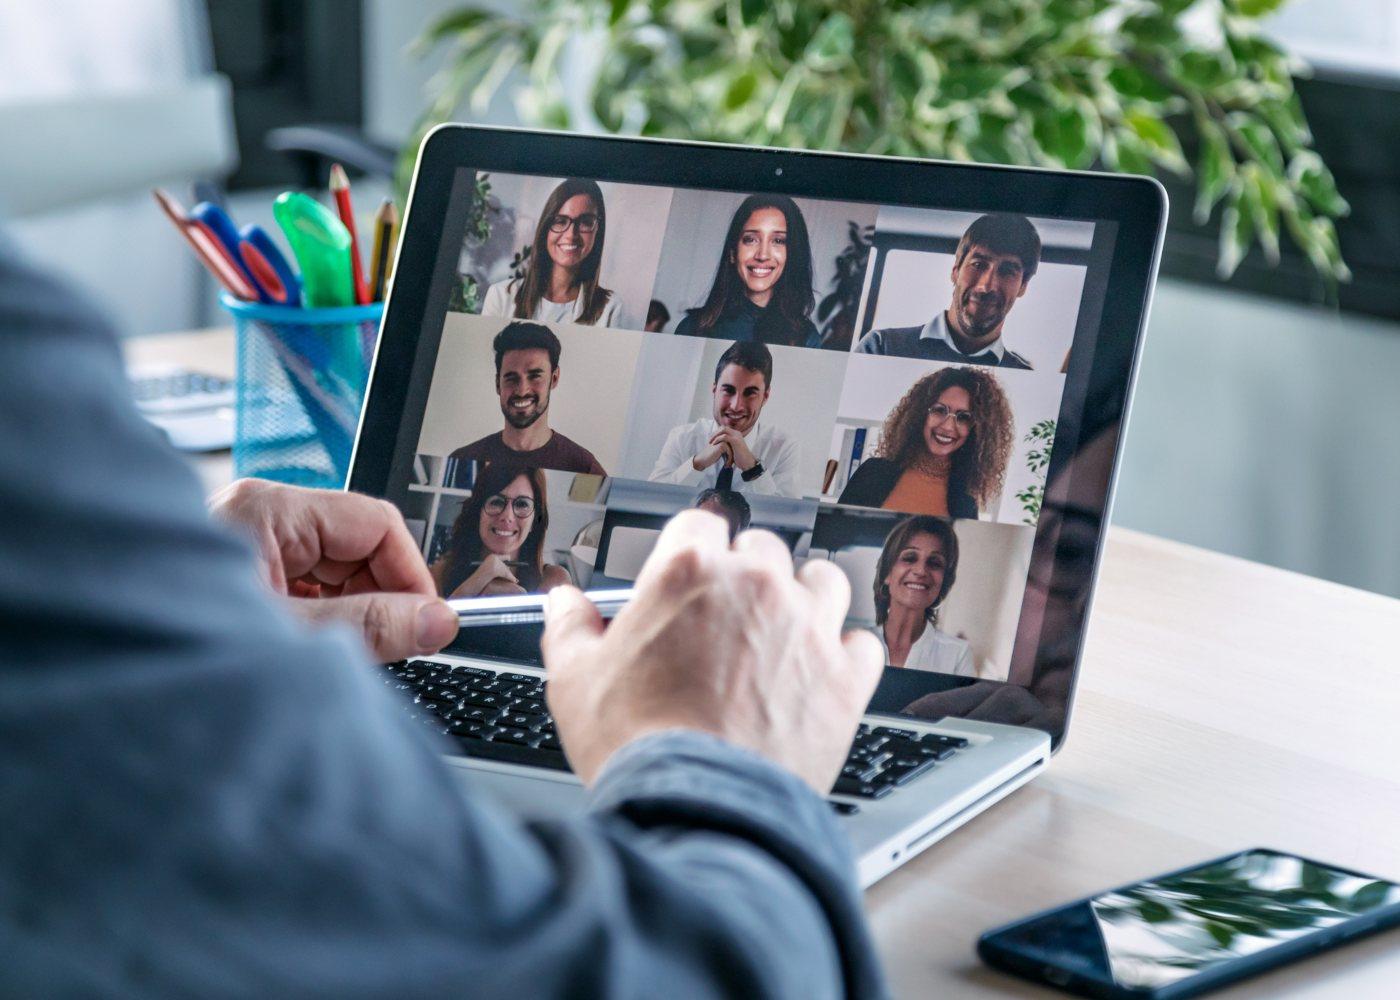 reunião por computador pela diversidade no local de trabalho